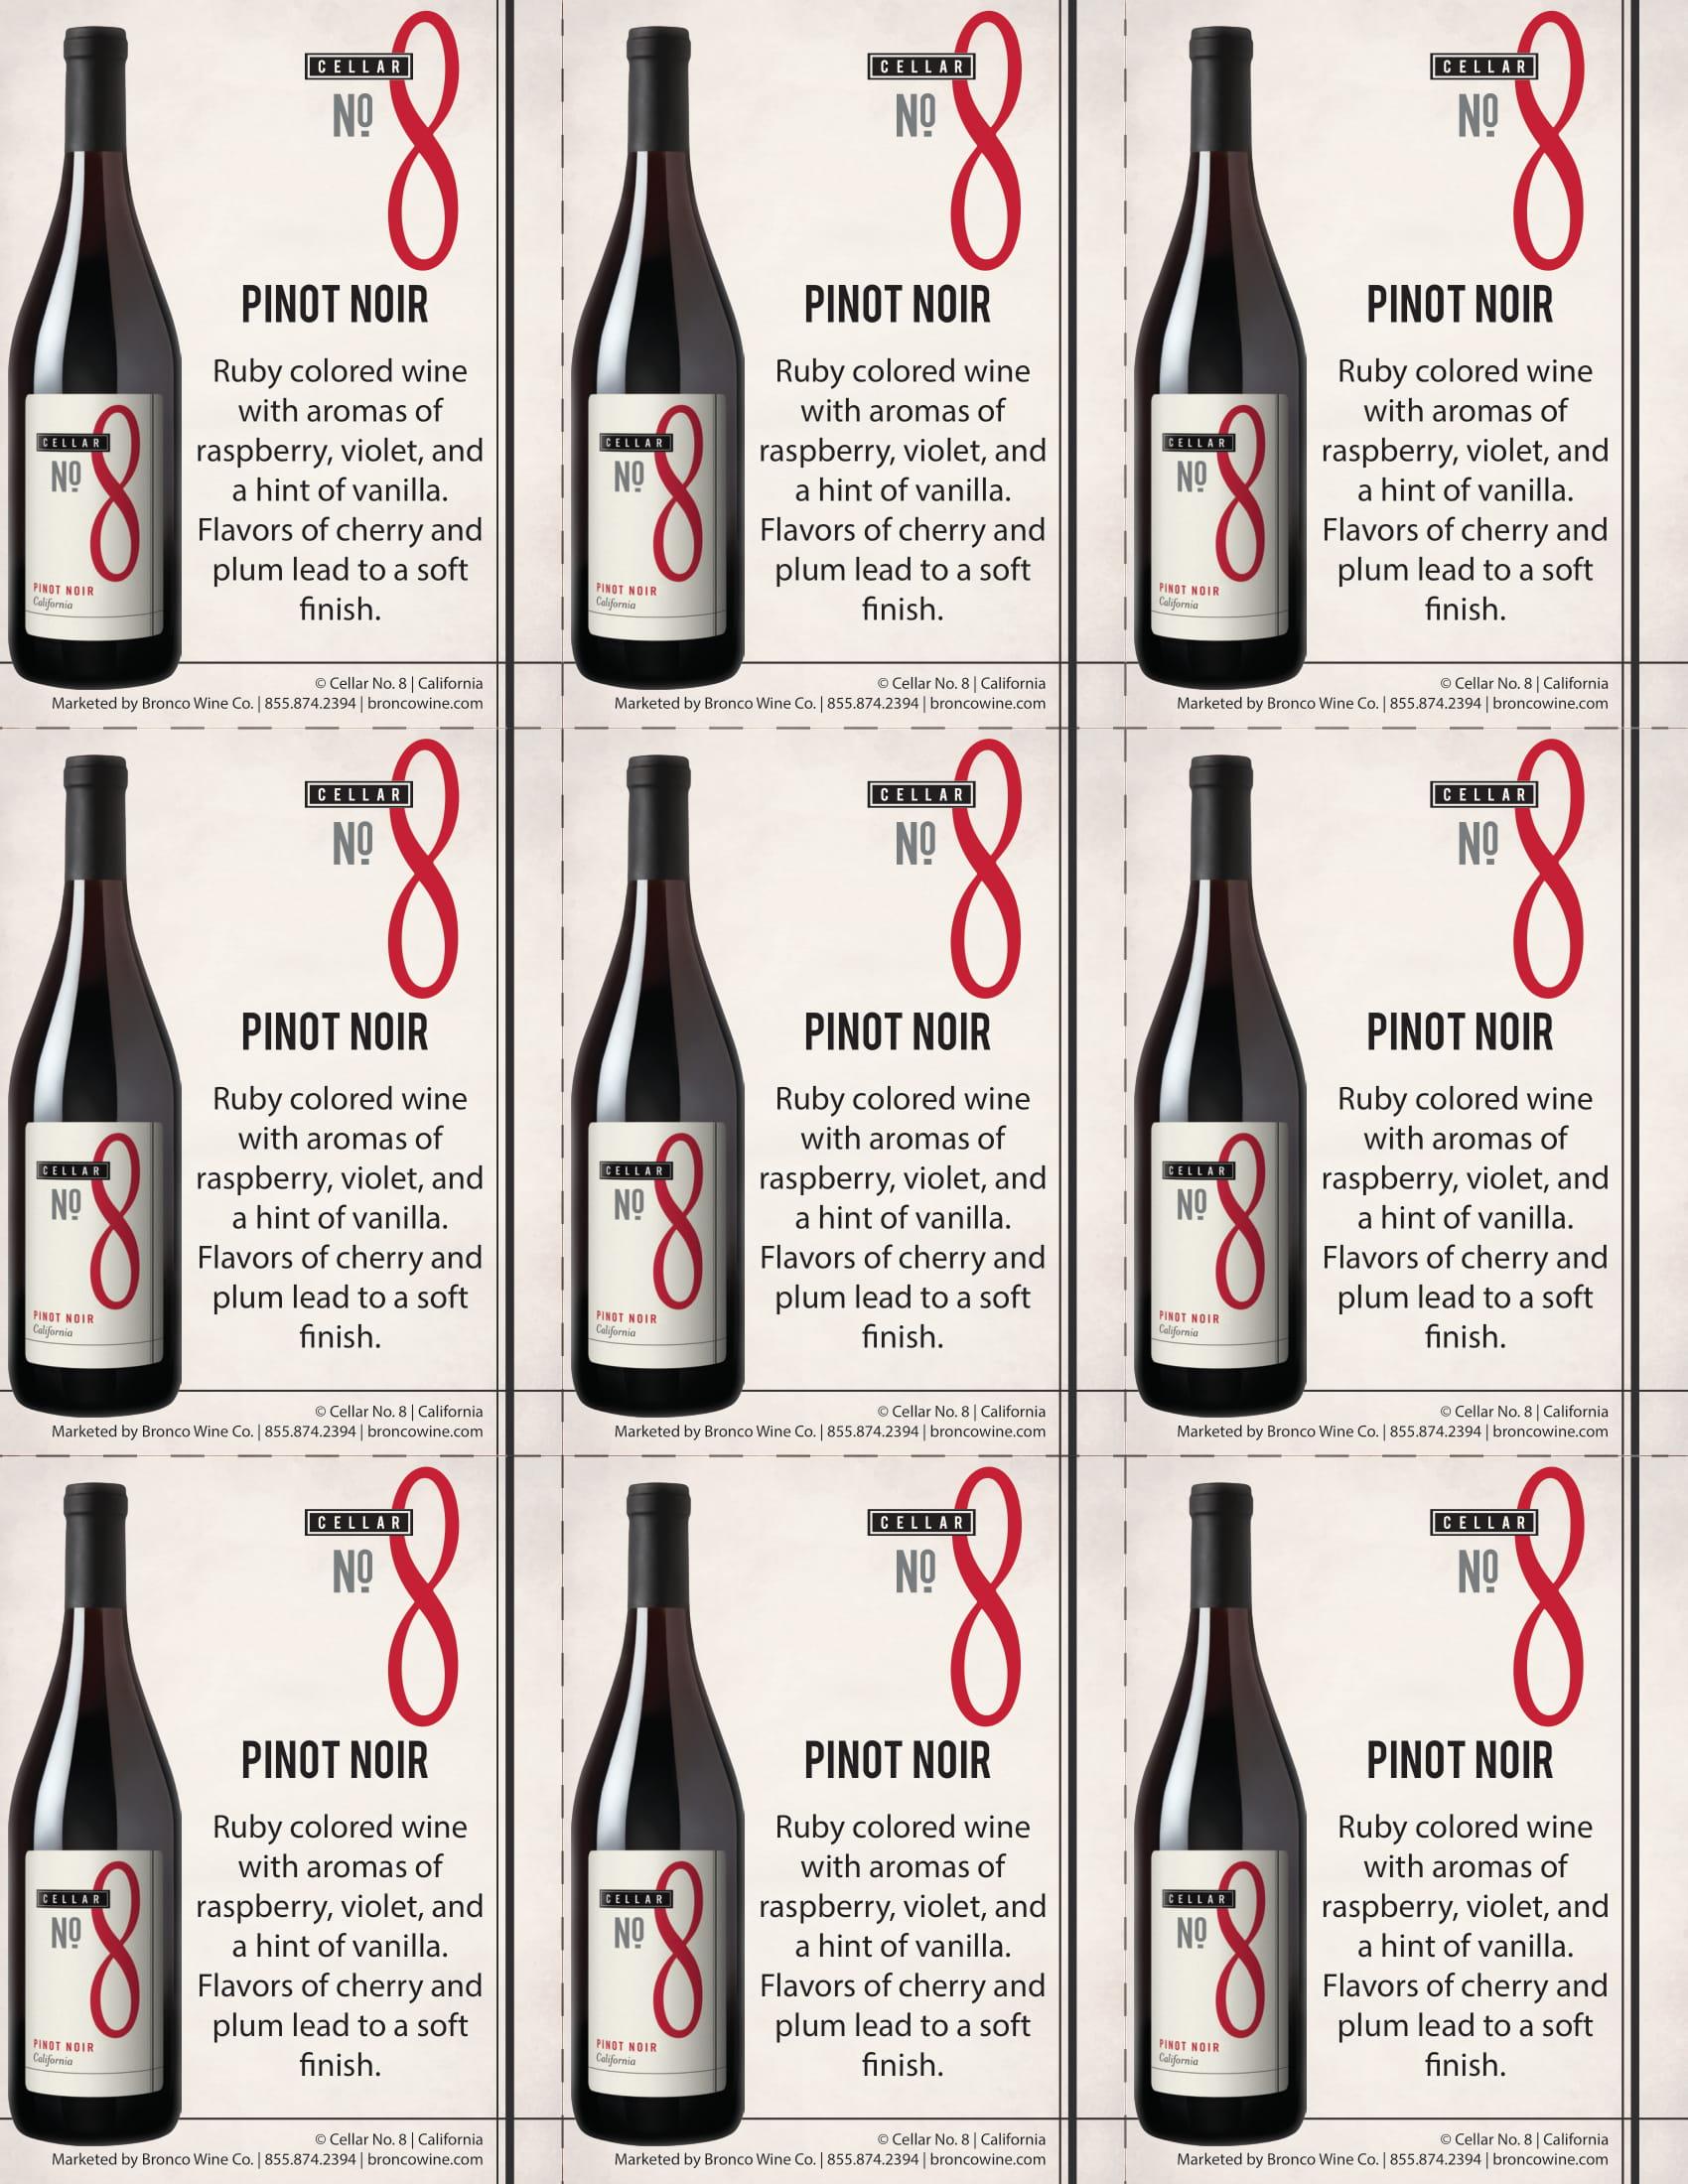 Cellar #8 Pinot Noir Shelf Talkers